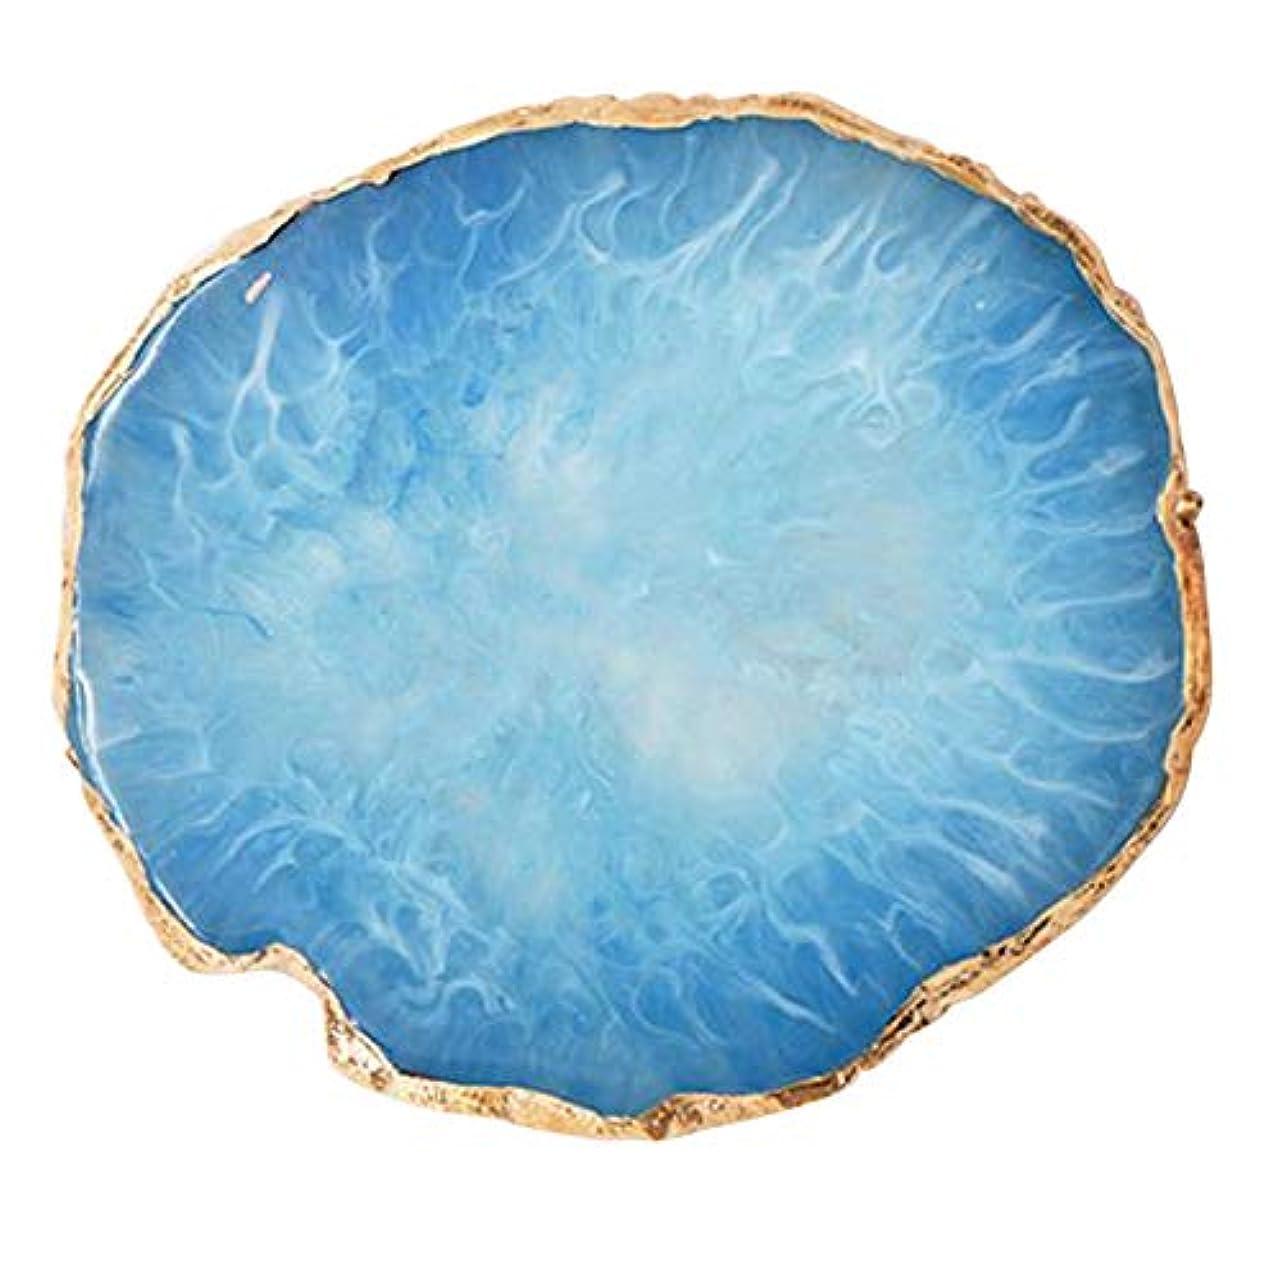 DOMO 樹脂模造瑪瑙 ネイルアートカラーパレット ネイルアート展示板 写真の小道具 マニキュアツール ブルー